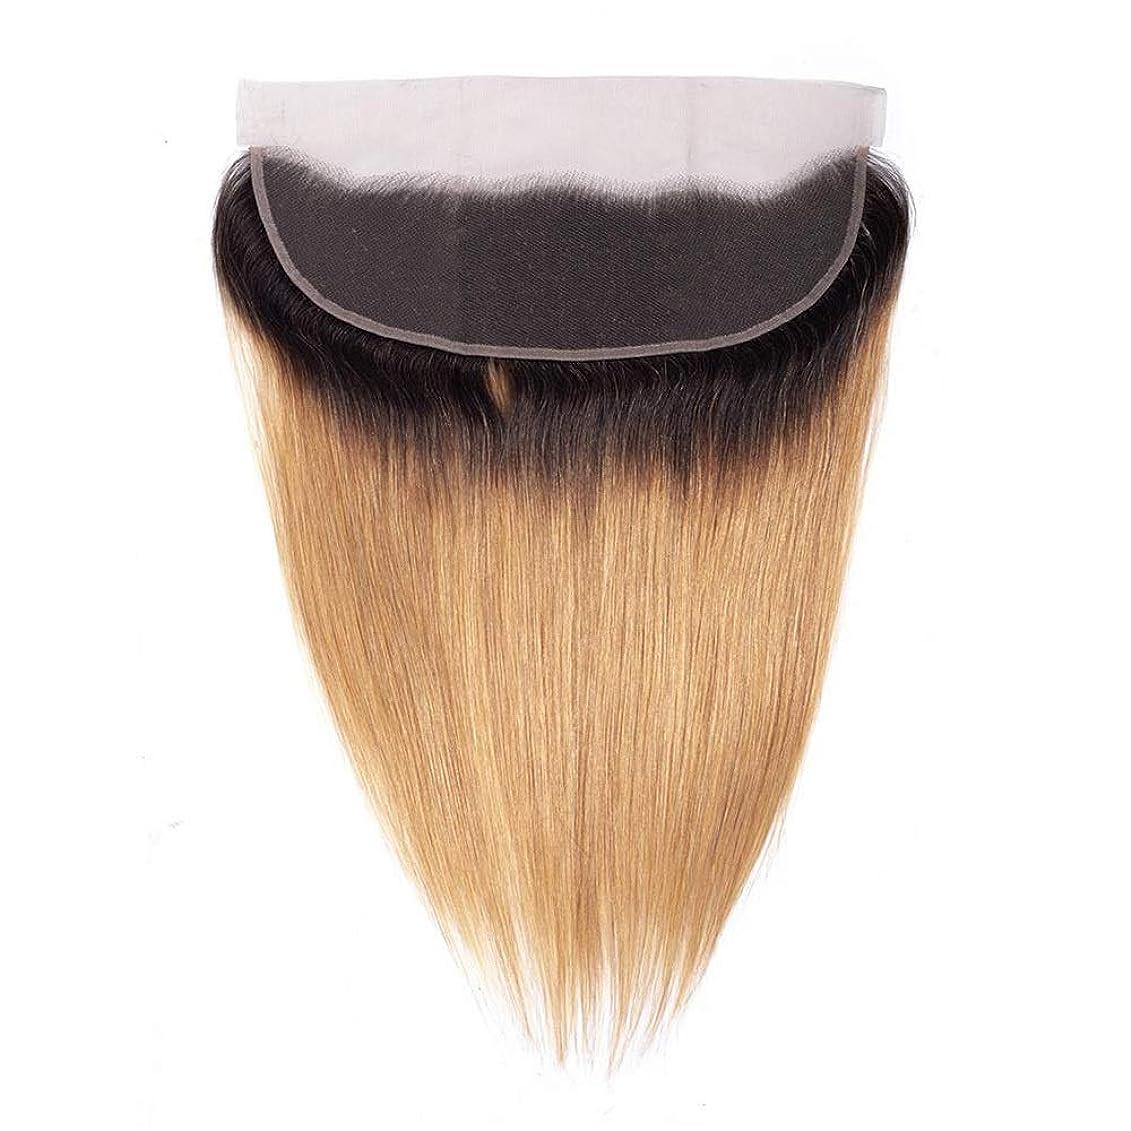 宝石汗使い込むHOHYLLYA ストレートヘア前頭耳に耳レース前頭閉鎖13 * 4閉鎖人間の髪の毛の茶色の髪の拡張子フルヘッドファッションかつらかつら (色 : ブラウン, サイズ : 12 inch)